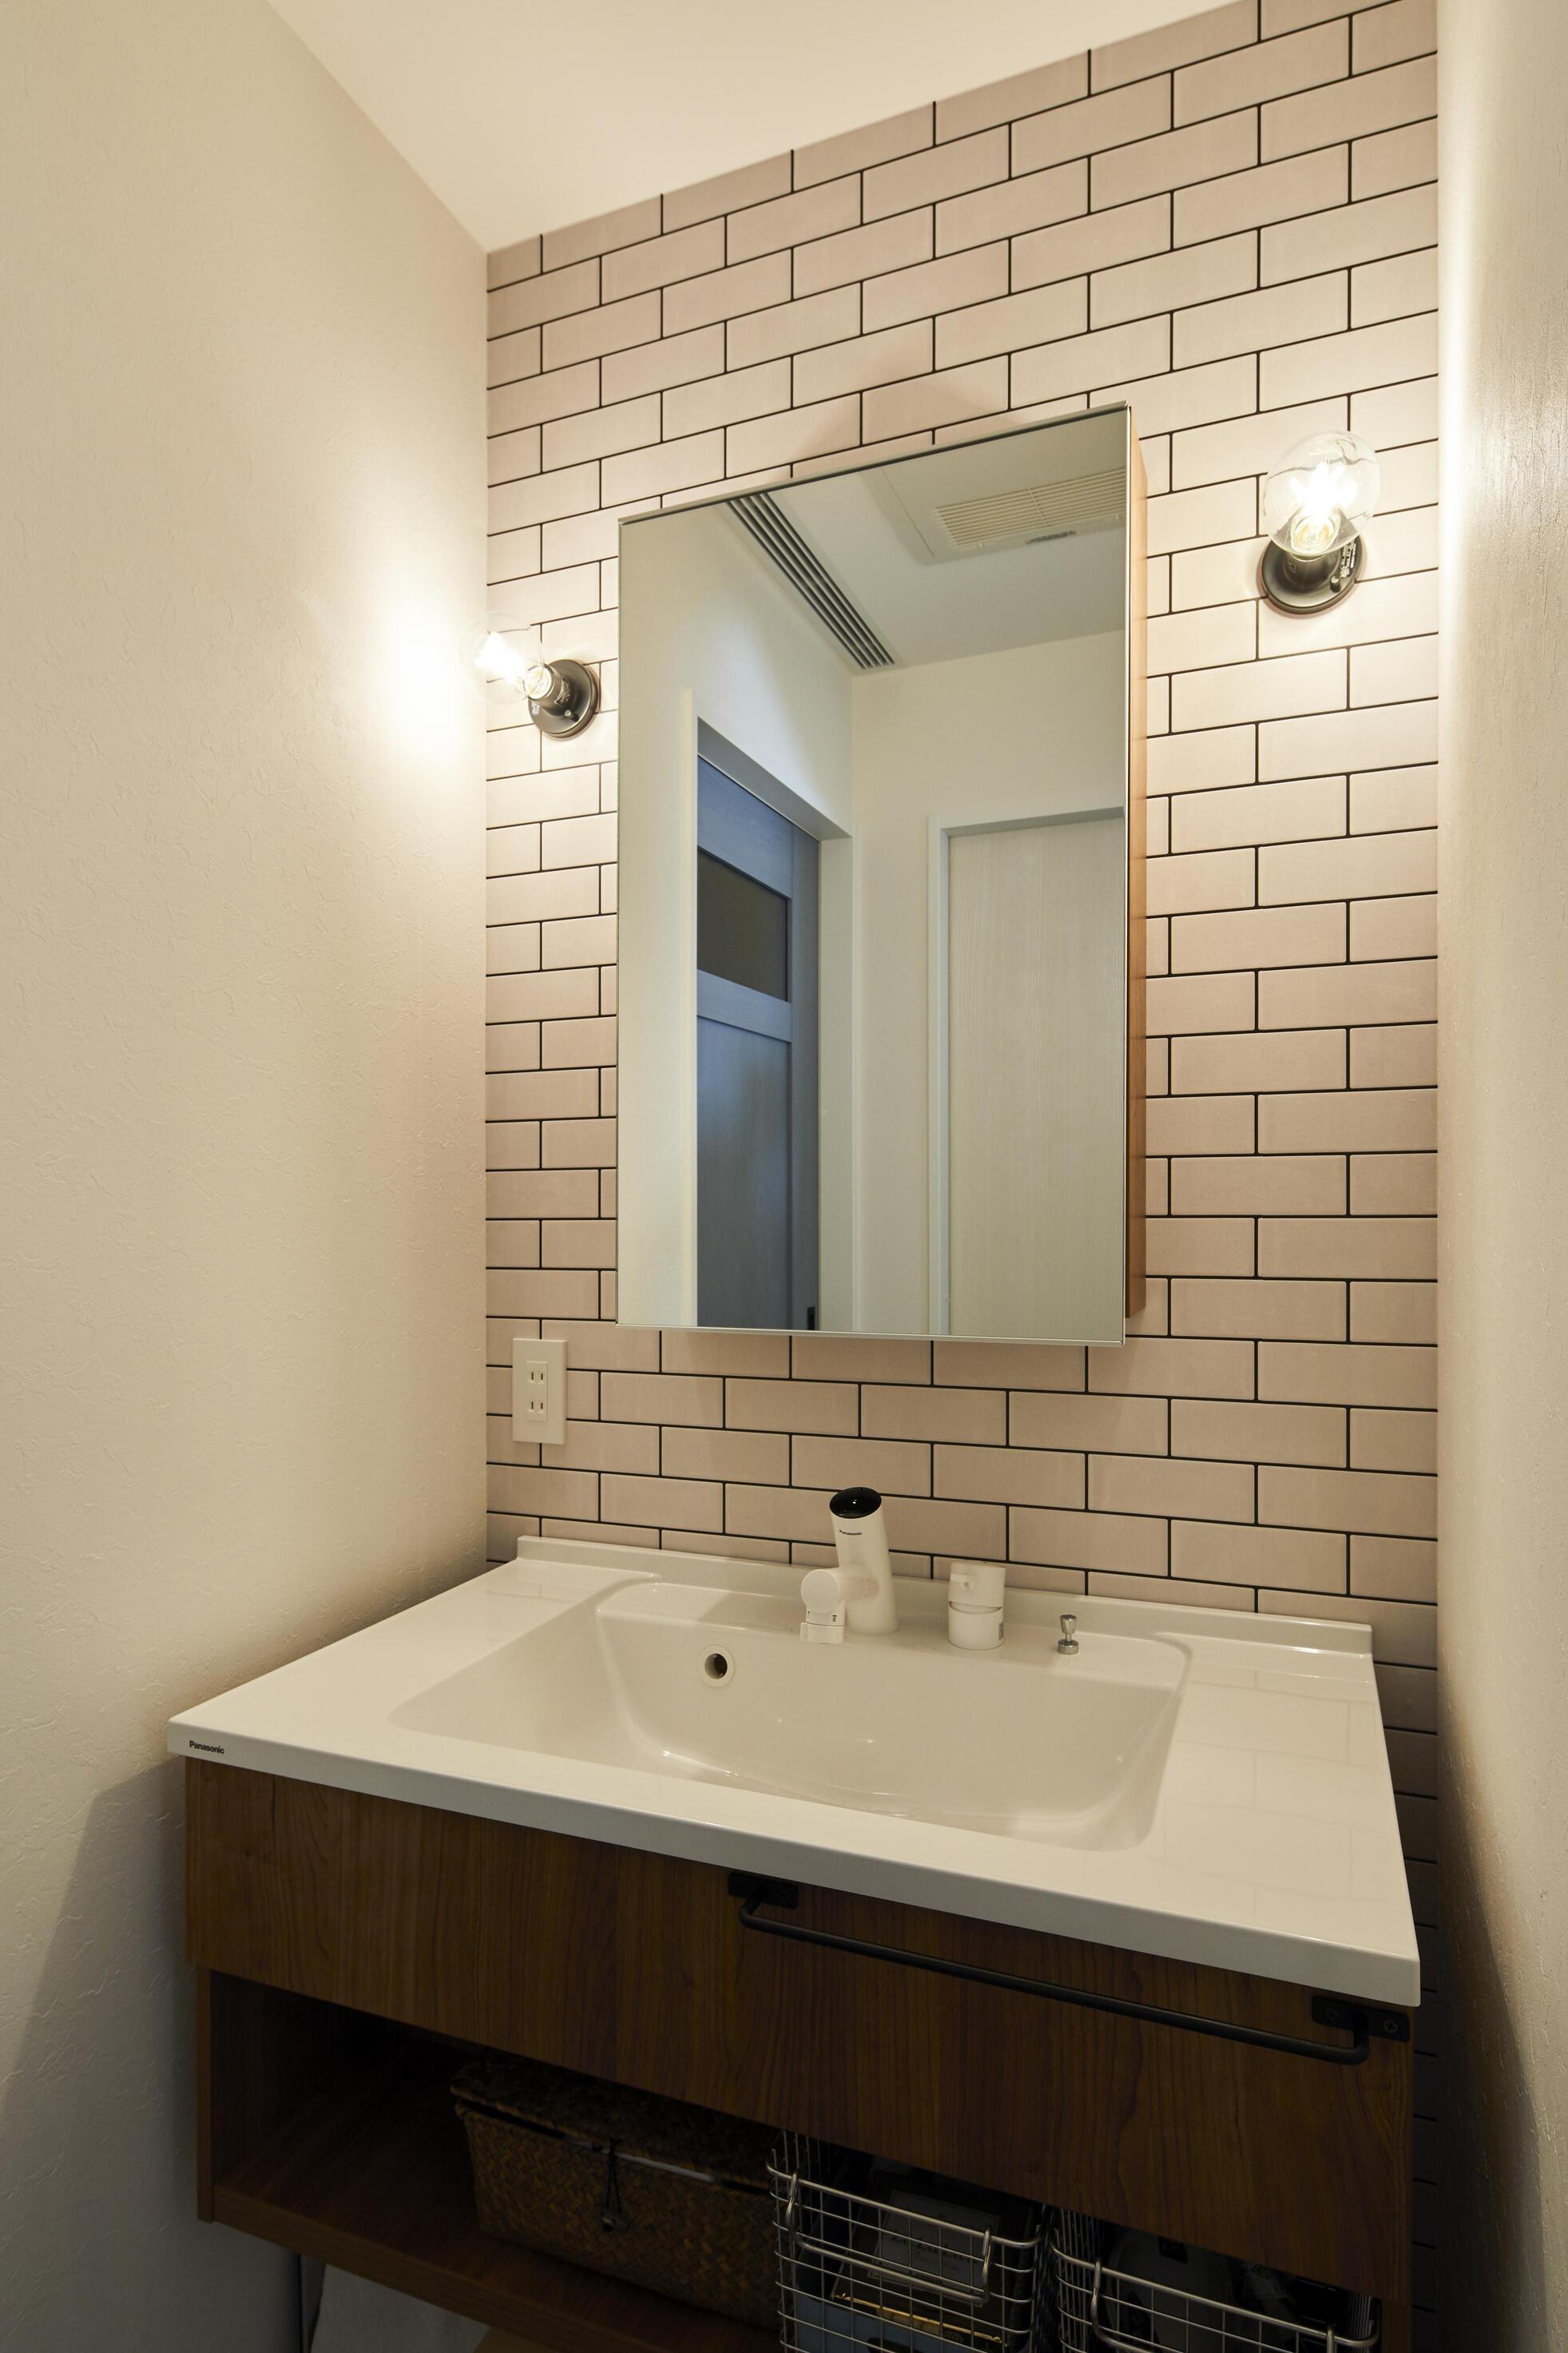 1Fに設置された洗面台。脱衣所から独立しているので来客時にも気兼ねなくお使いいただける